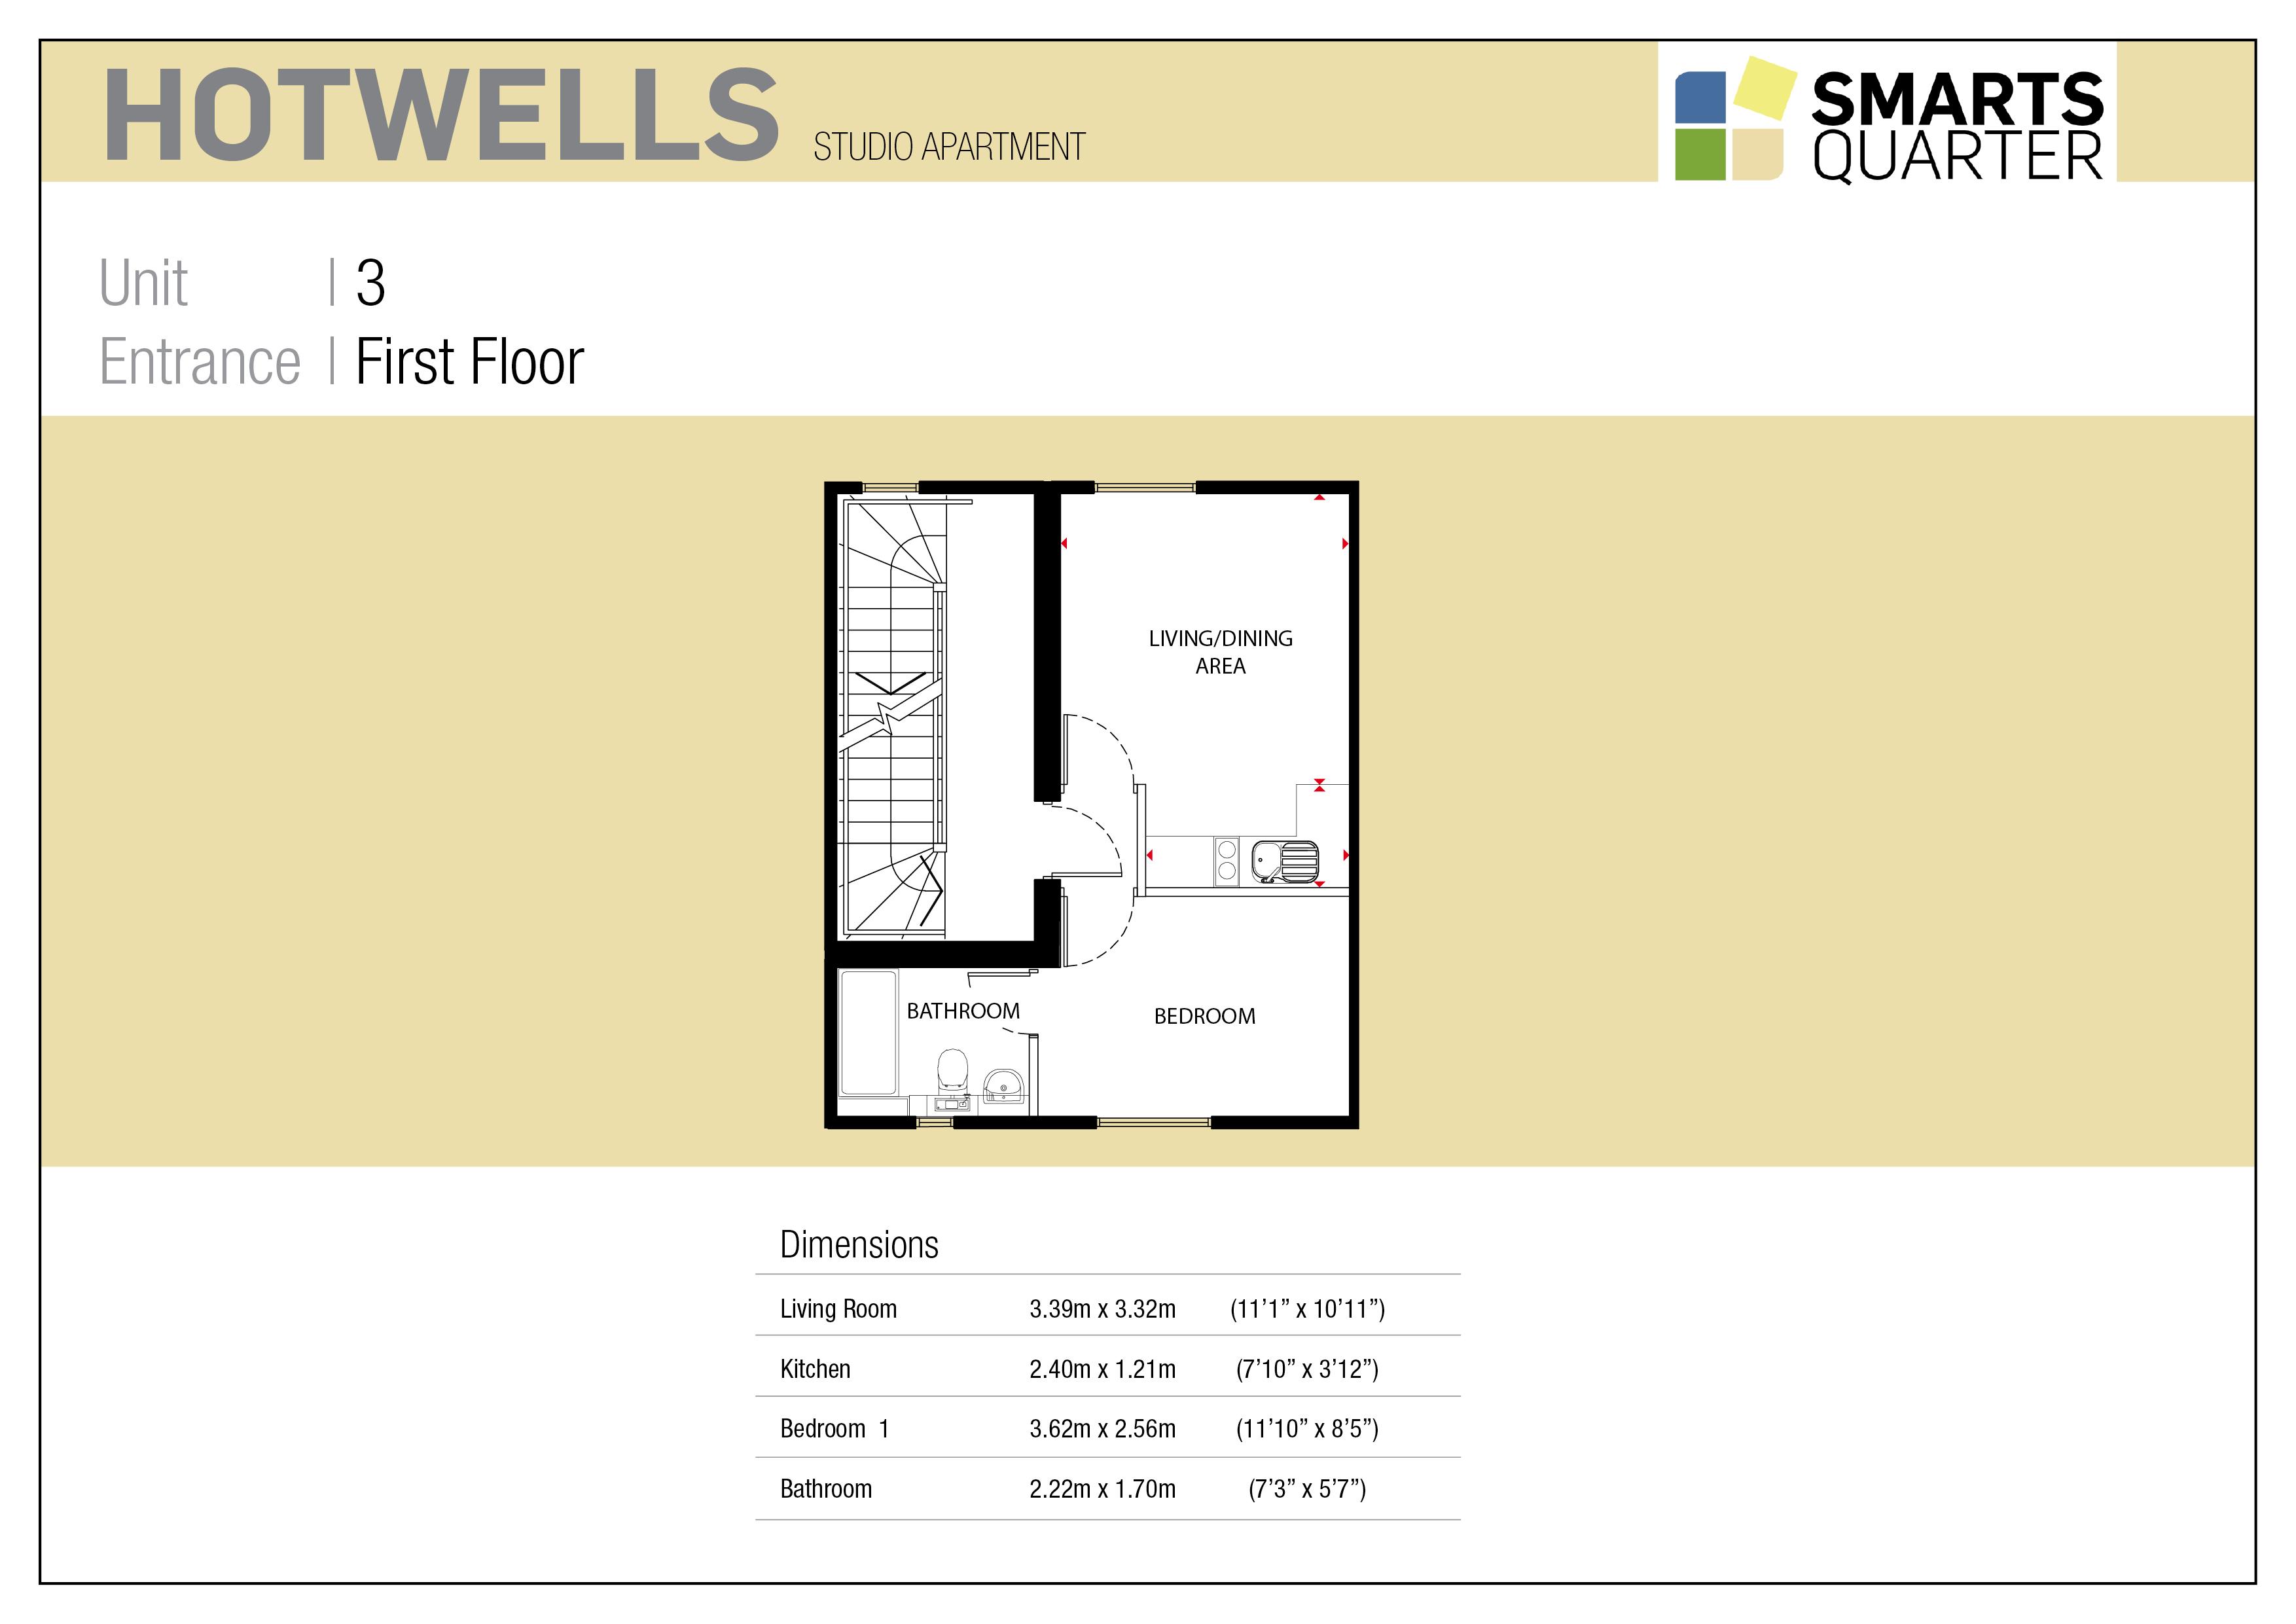 Hotwells Apartment Floor Plan at New Smarts Quarter Development